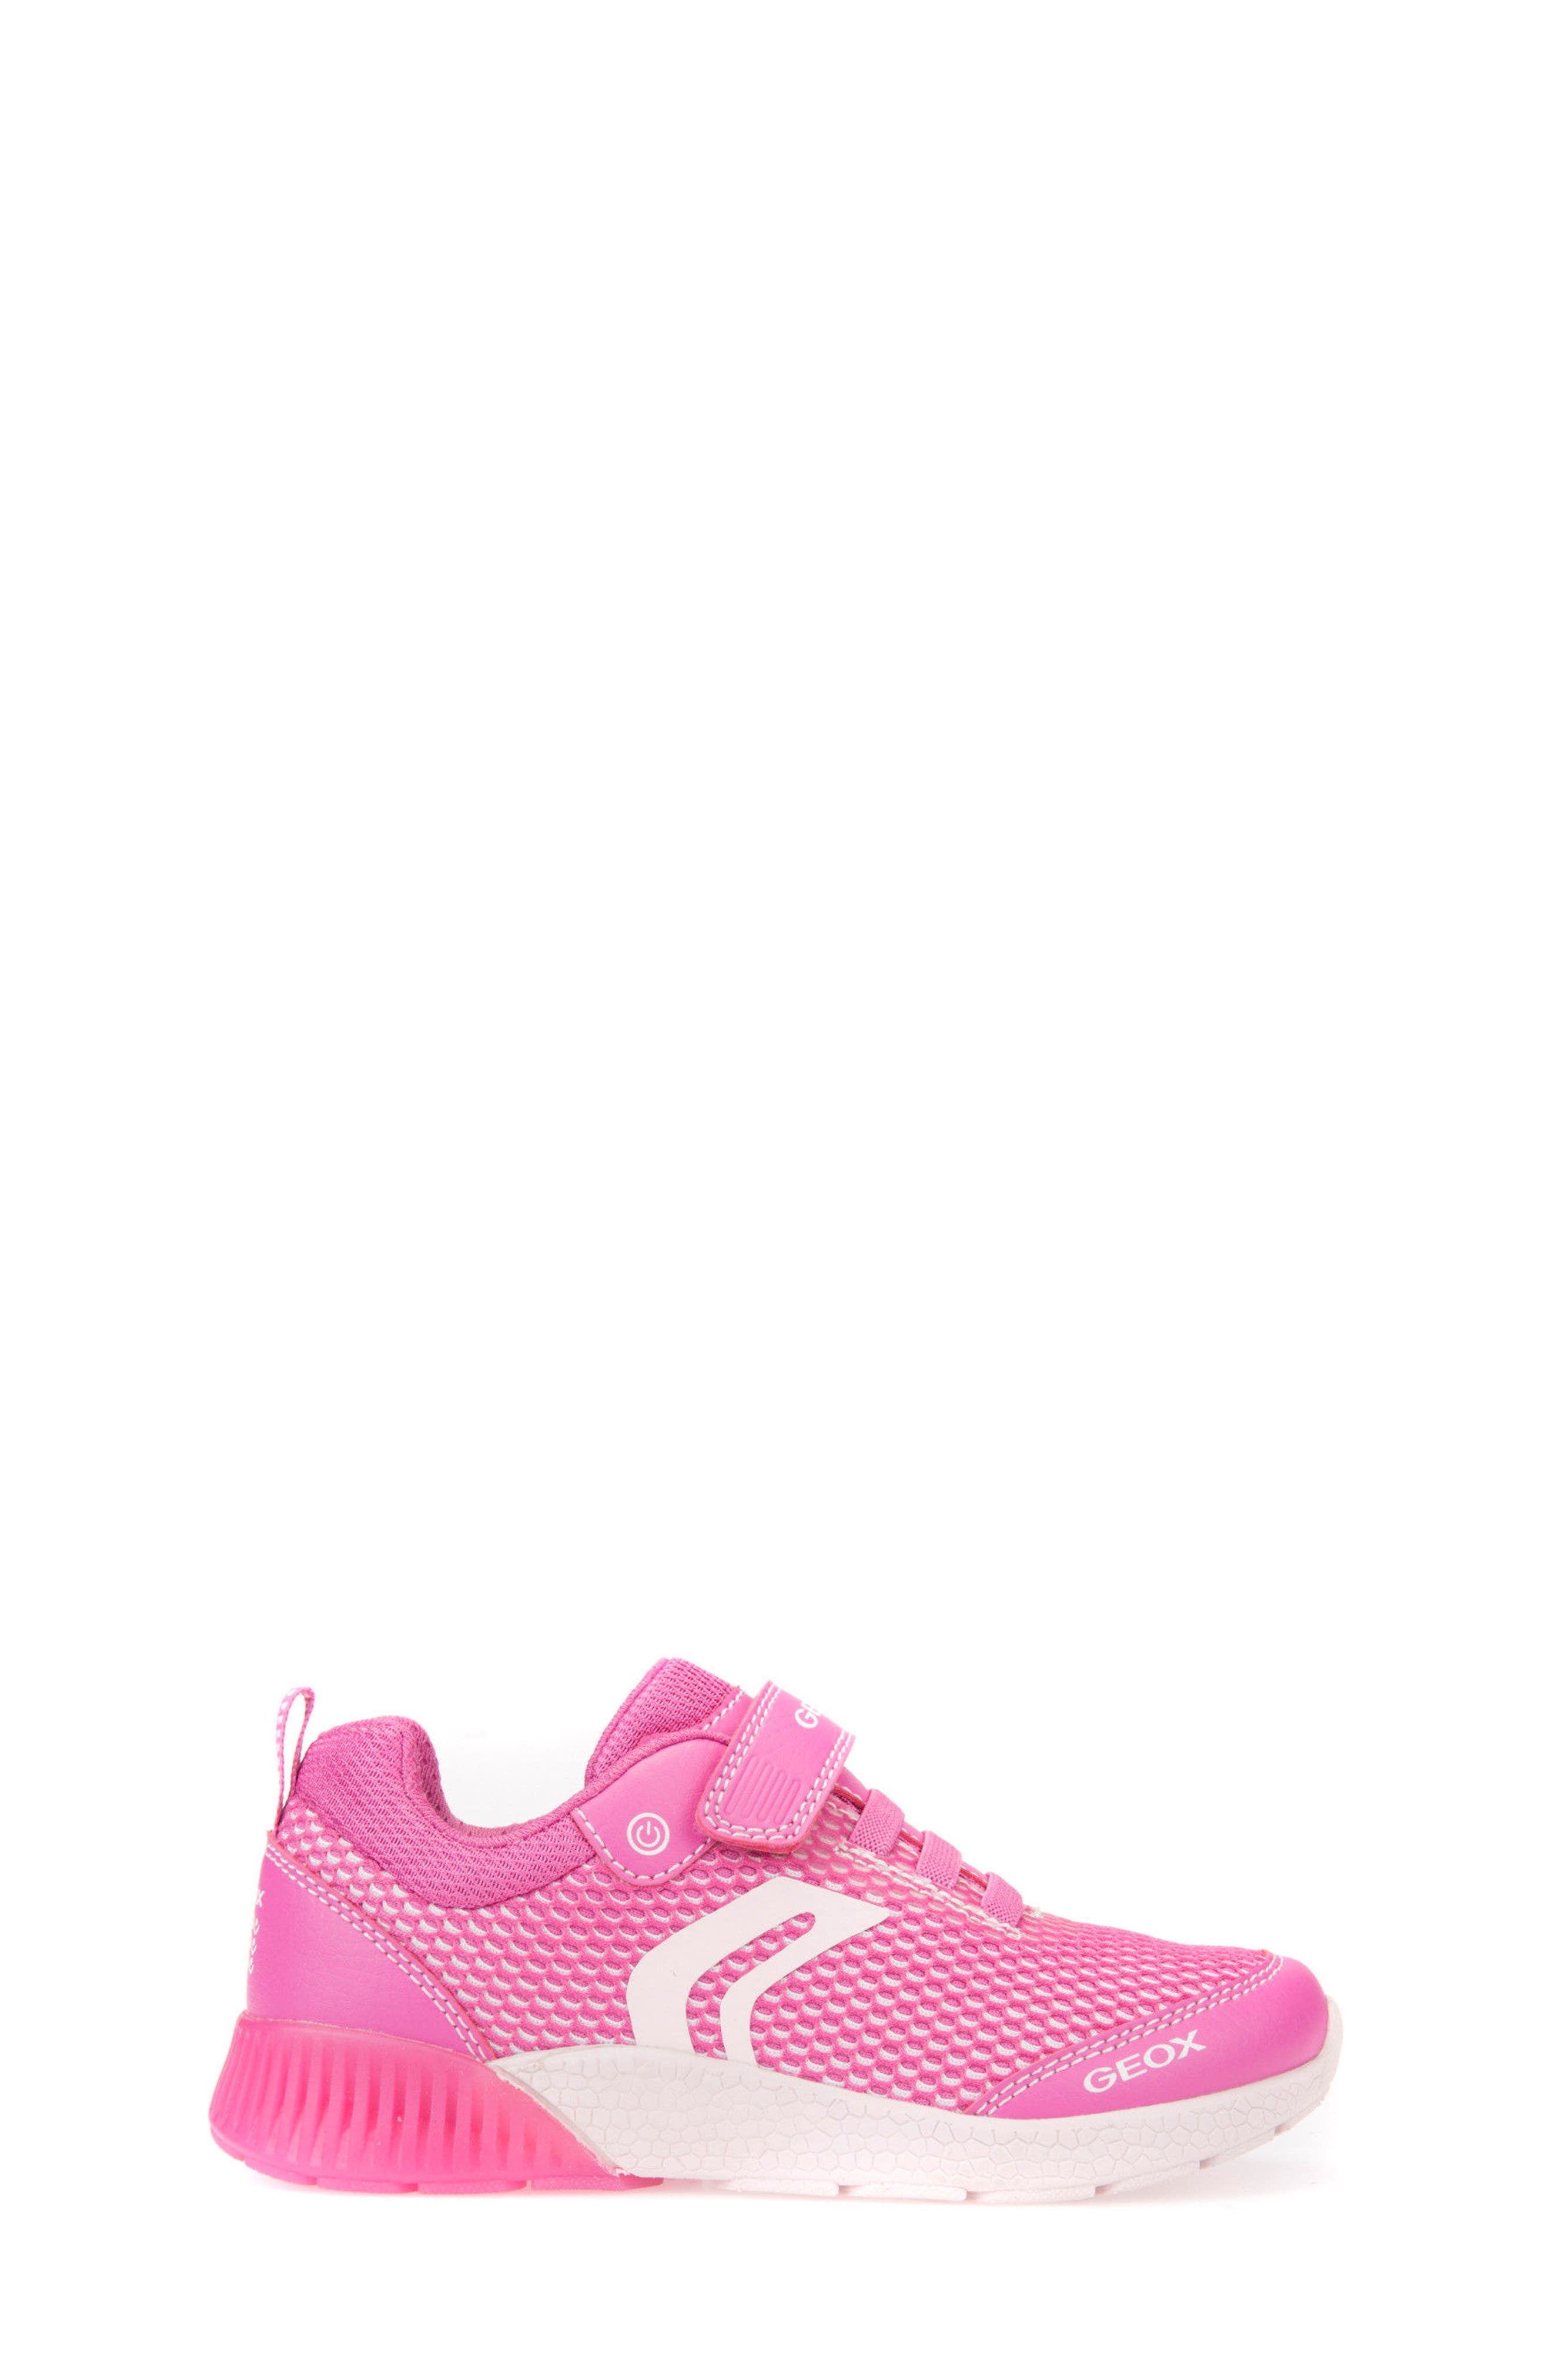 Sveth Light-Up Sneaker,                             Alternate thumbnail 3, color,                             Fuchsia